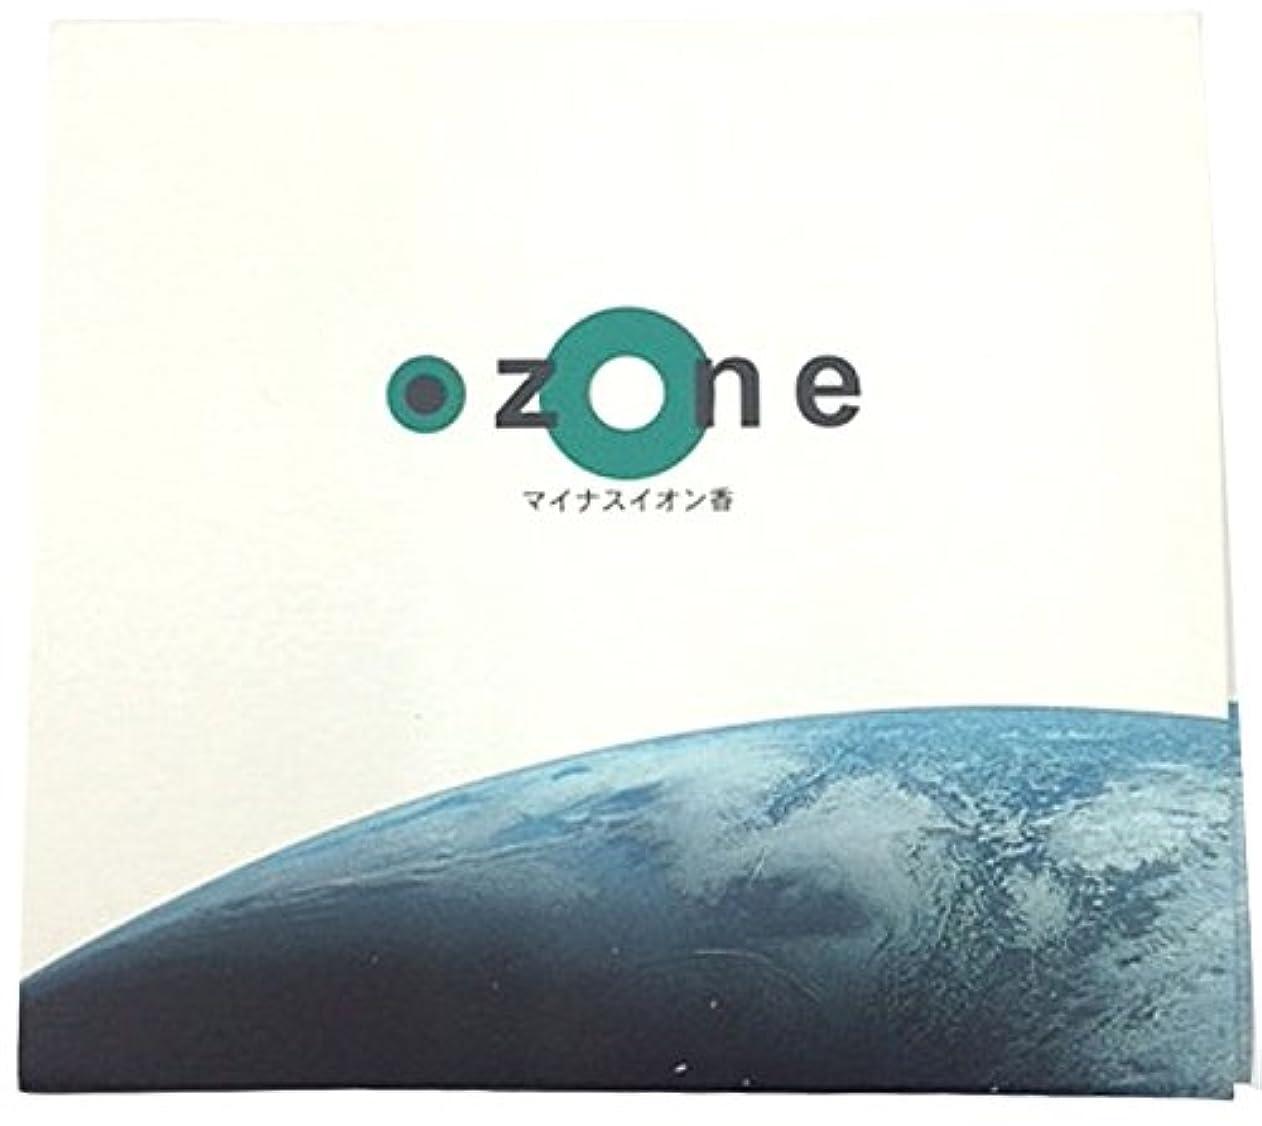 私たち自身予防接種自動化悠々庵 OZONE 箱型 カナディアンフォレスト